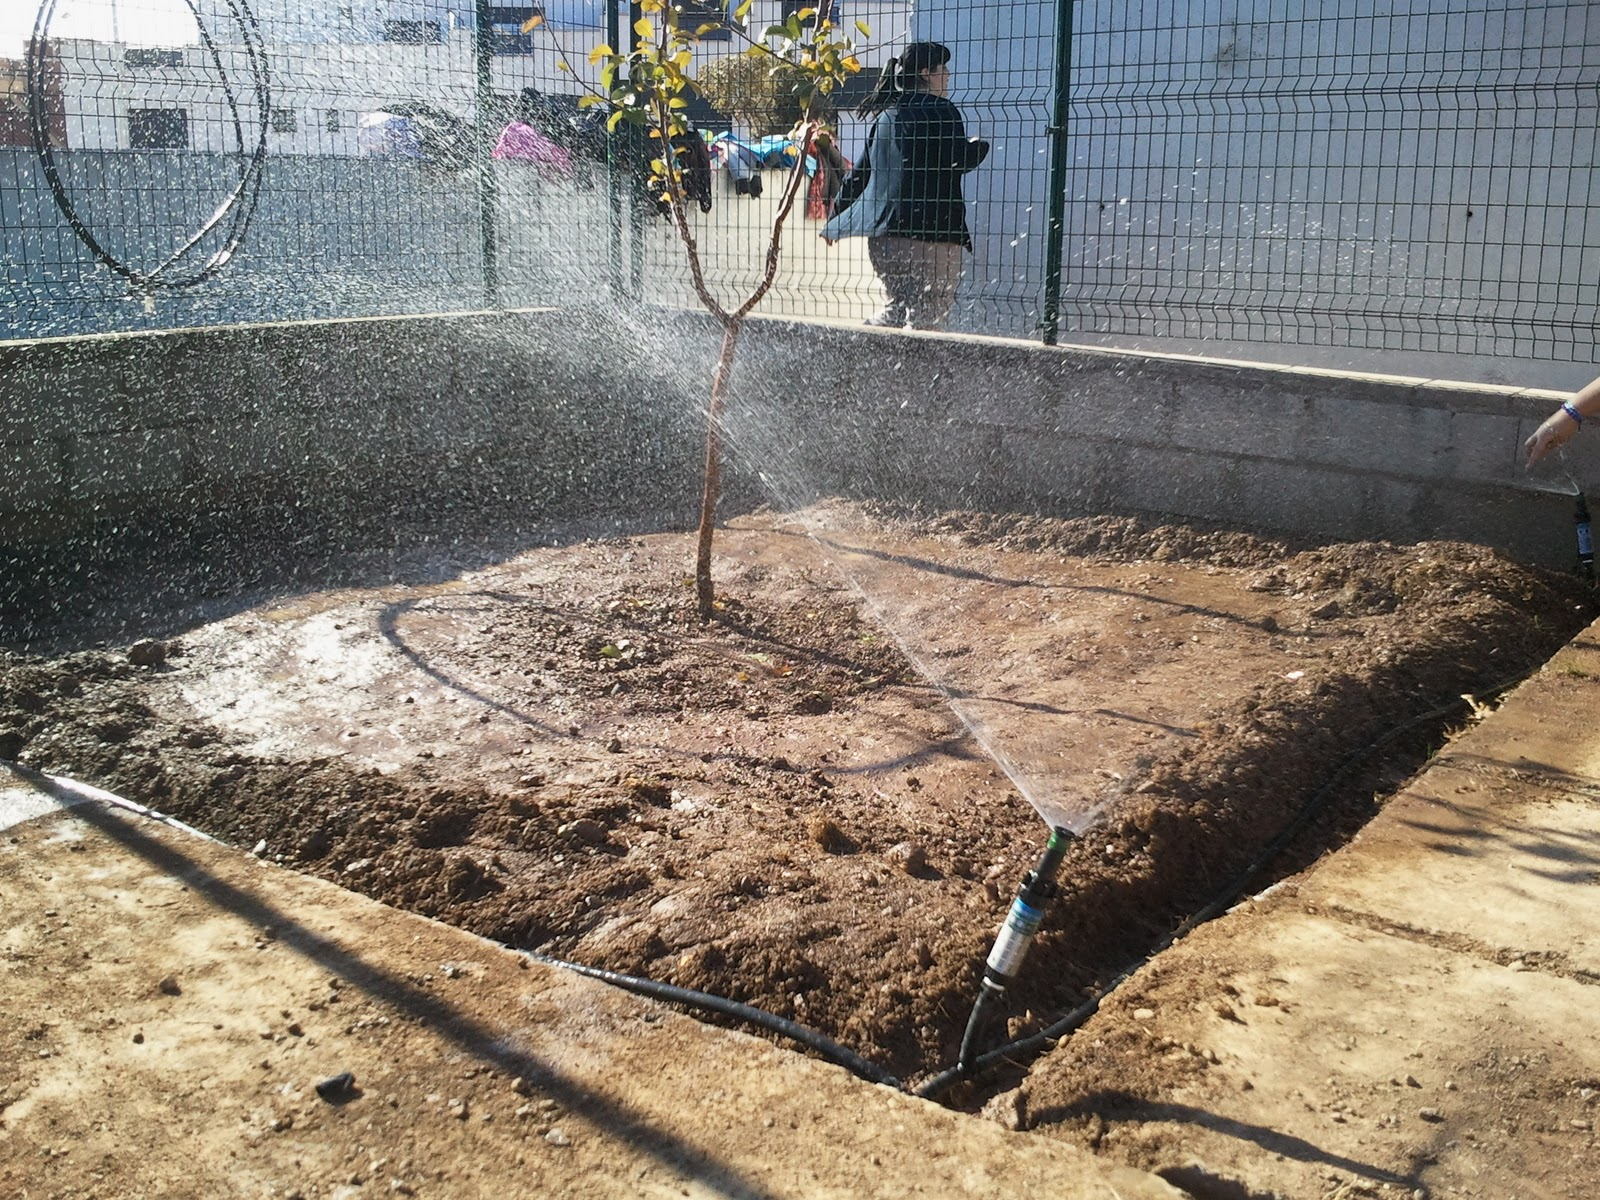 Els jardiners de l 39 alcalat n instalaci n de riego por for Instalacion riego jardin